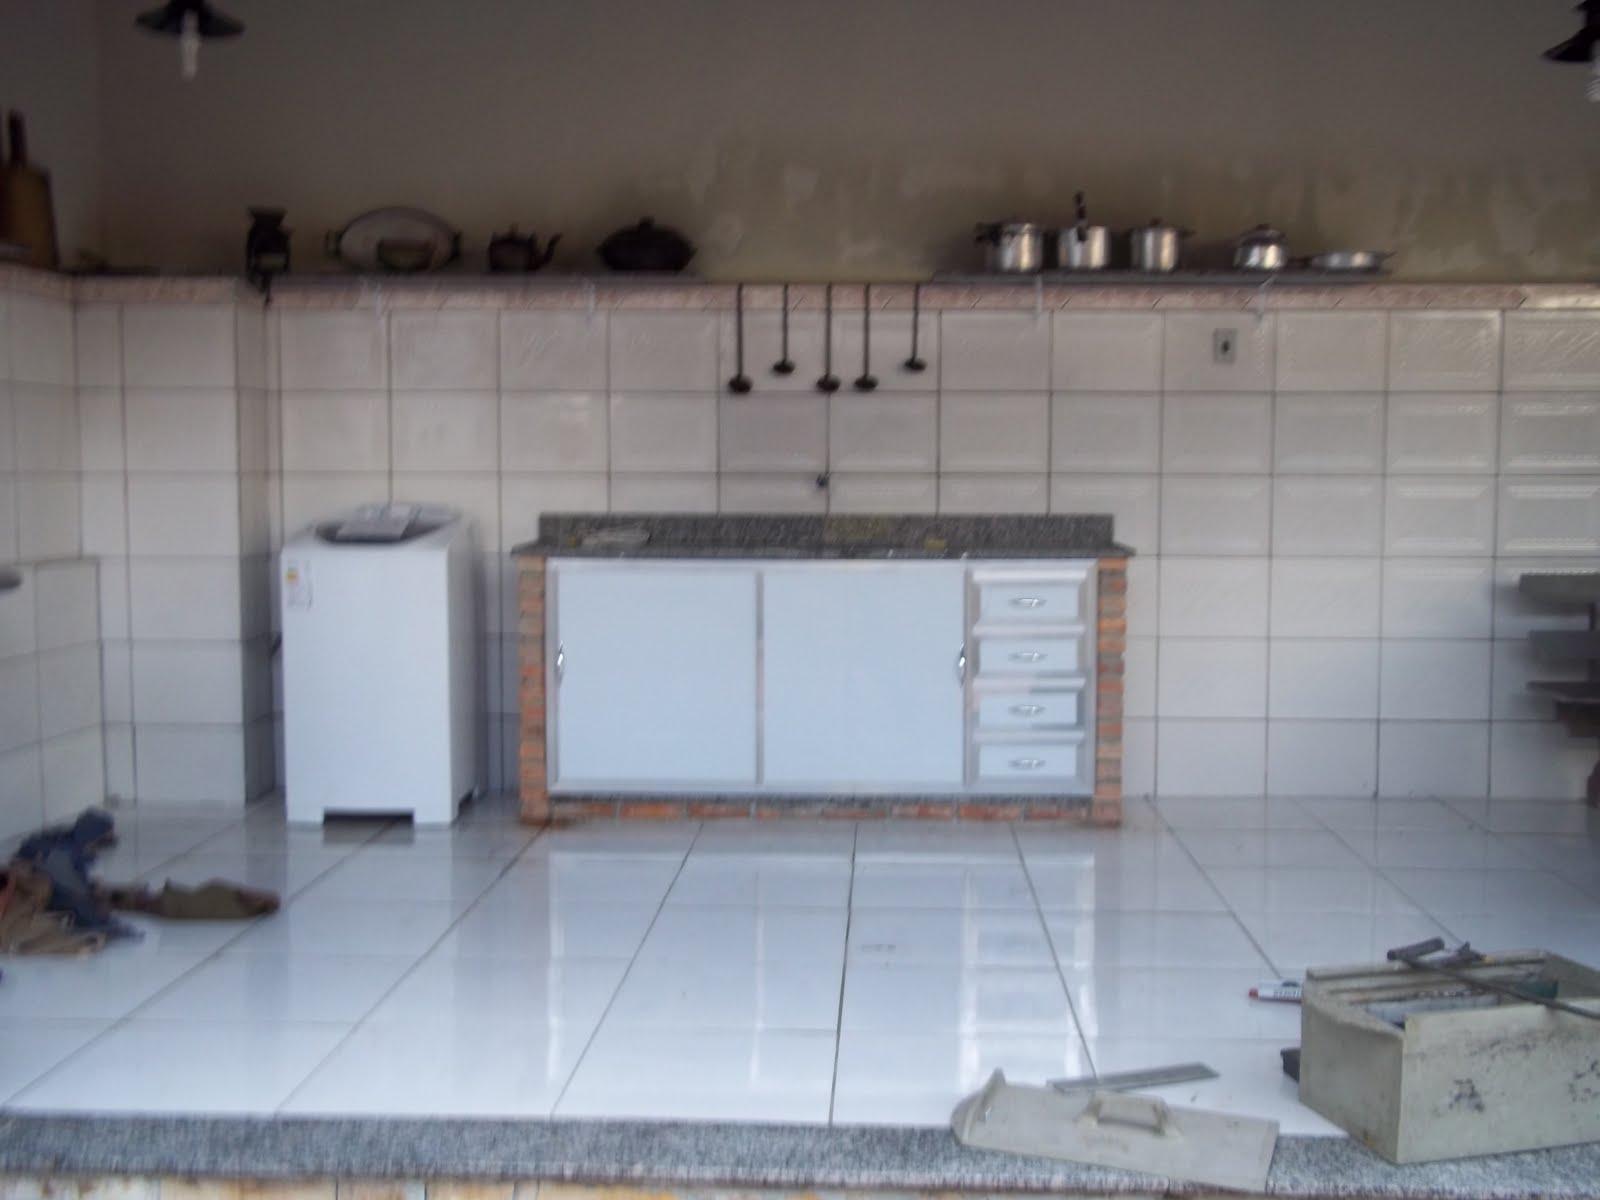 #4C627F ARMÁRIOS PARA PIAS EM ACRÍLICO OU VIDRO COM OU SEM GAVETAS! 844 Manutenção Em Janelas De Aluminio Belo Horizonte